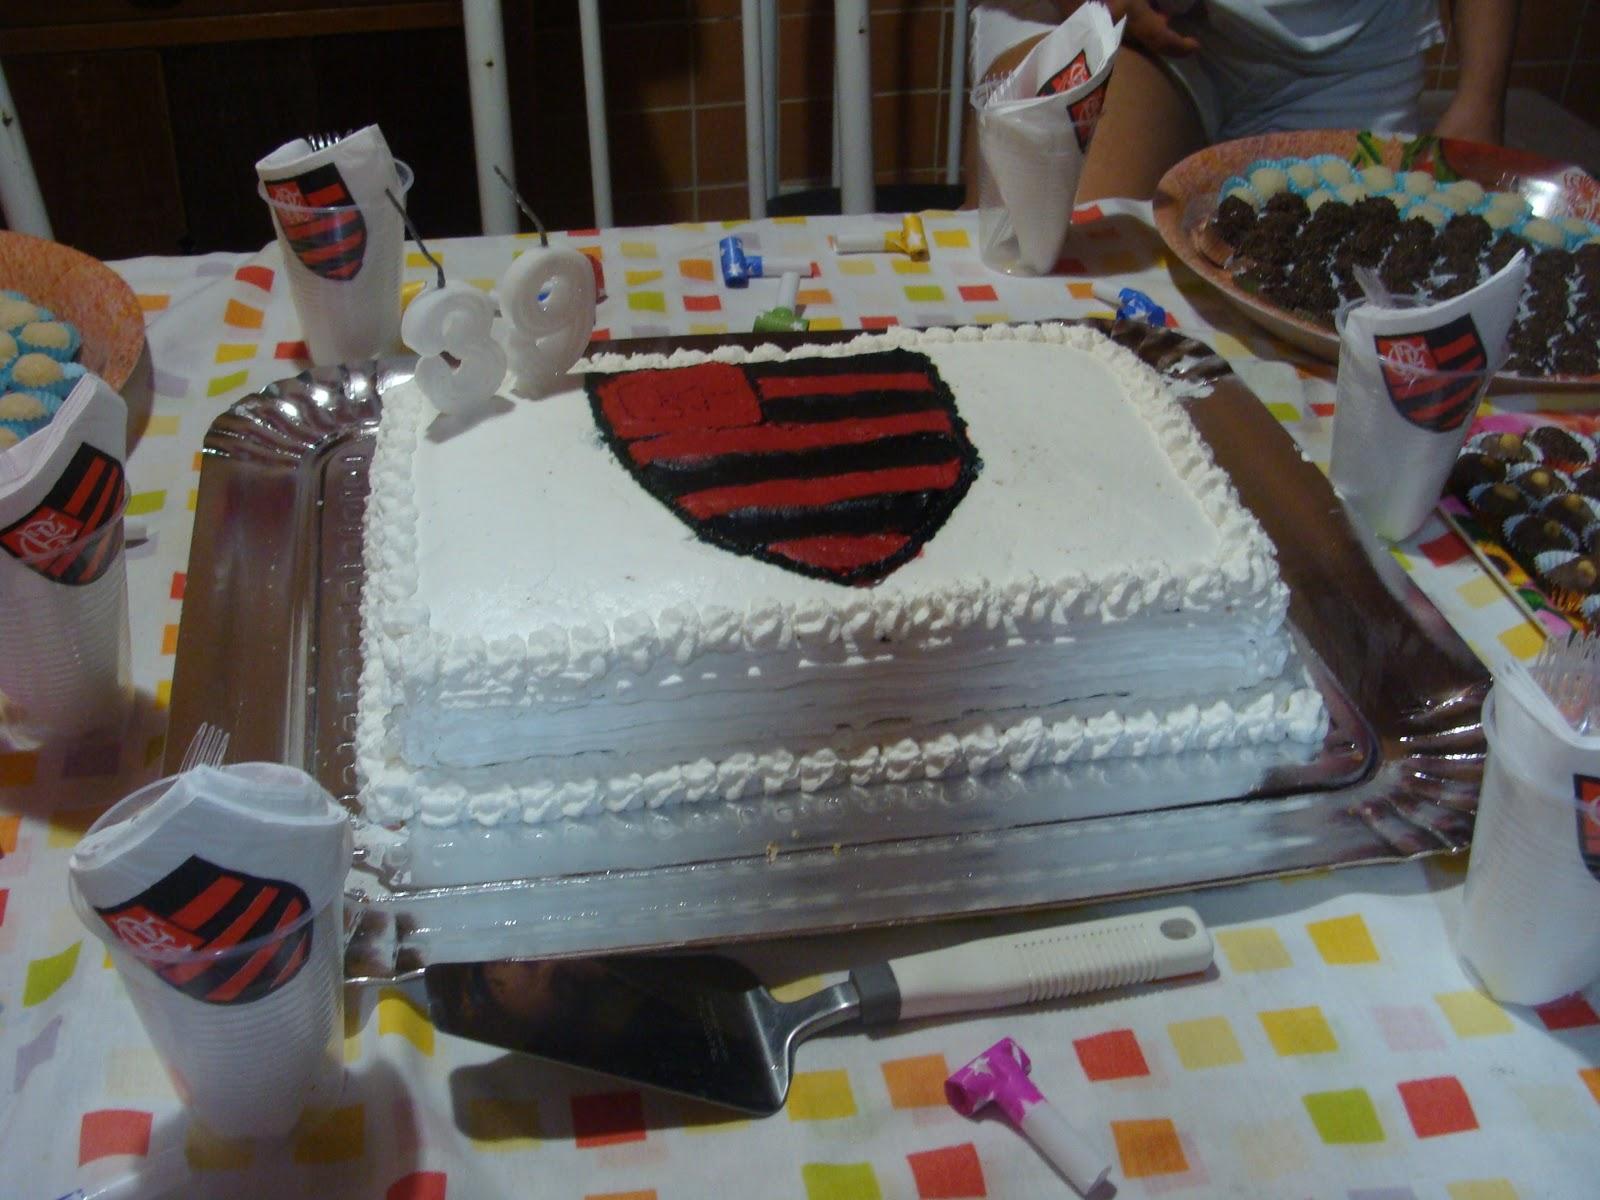 7615c70b6b Meu marido fez aniversário no Domingo de Carnaval e eu preparei este bolo  do Flamengo pra ele. Como não encontrei o papel de arroz do Flamengo